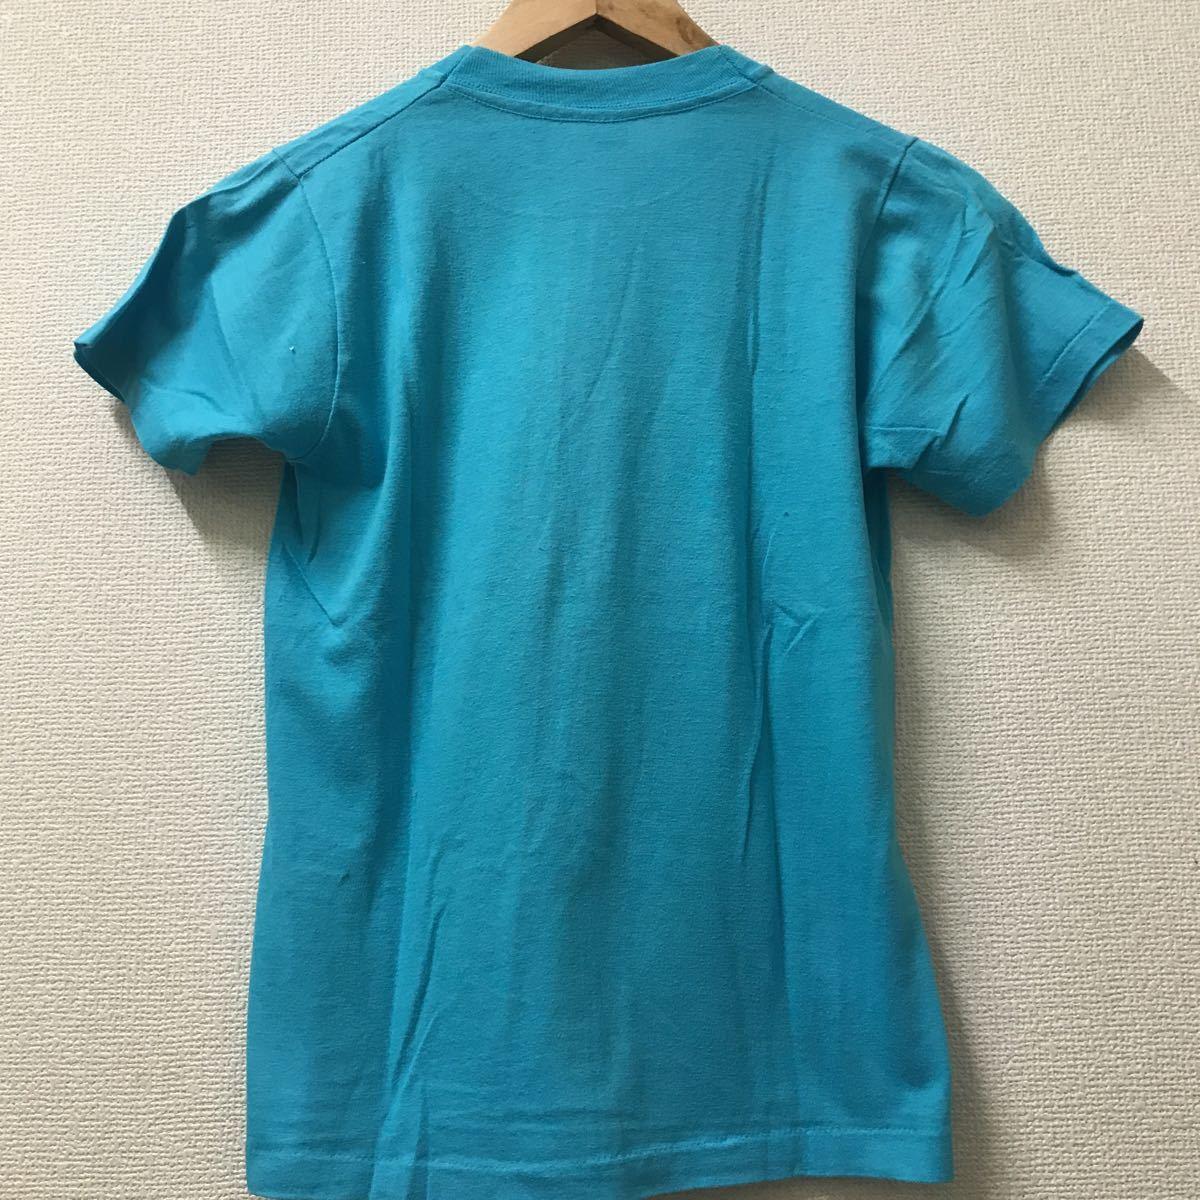 80's ヴィンテージ ダンスTシャツ カルフォルニア made in USA アメリカ製 ターコイズ_画像4